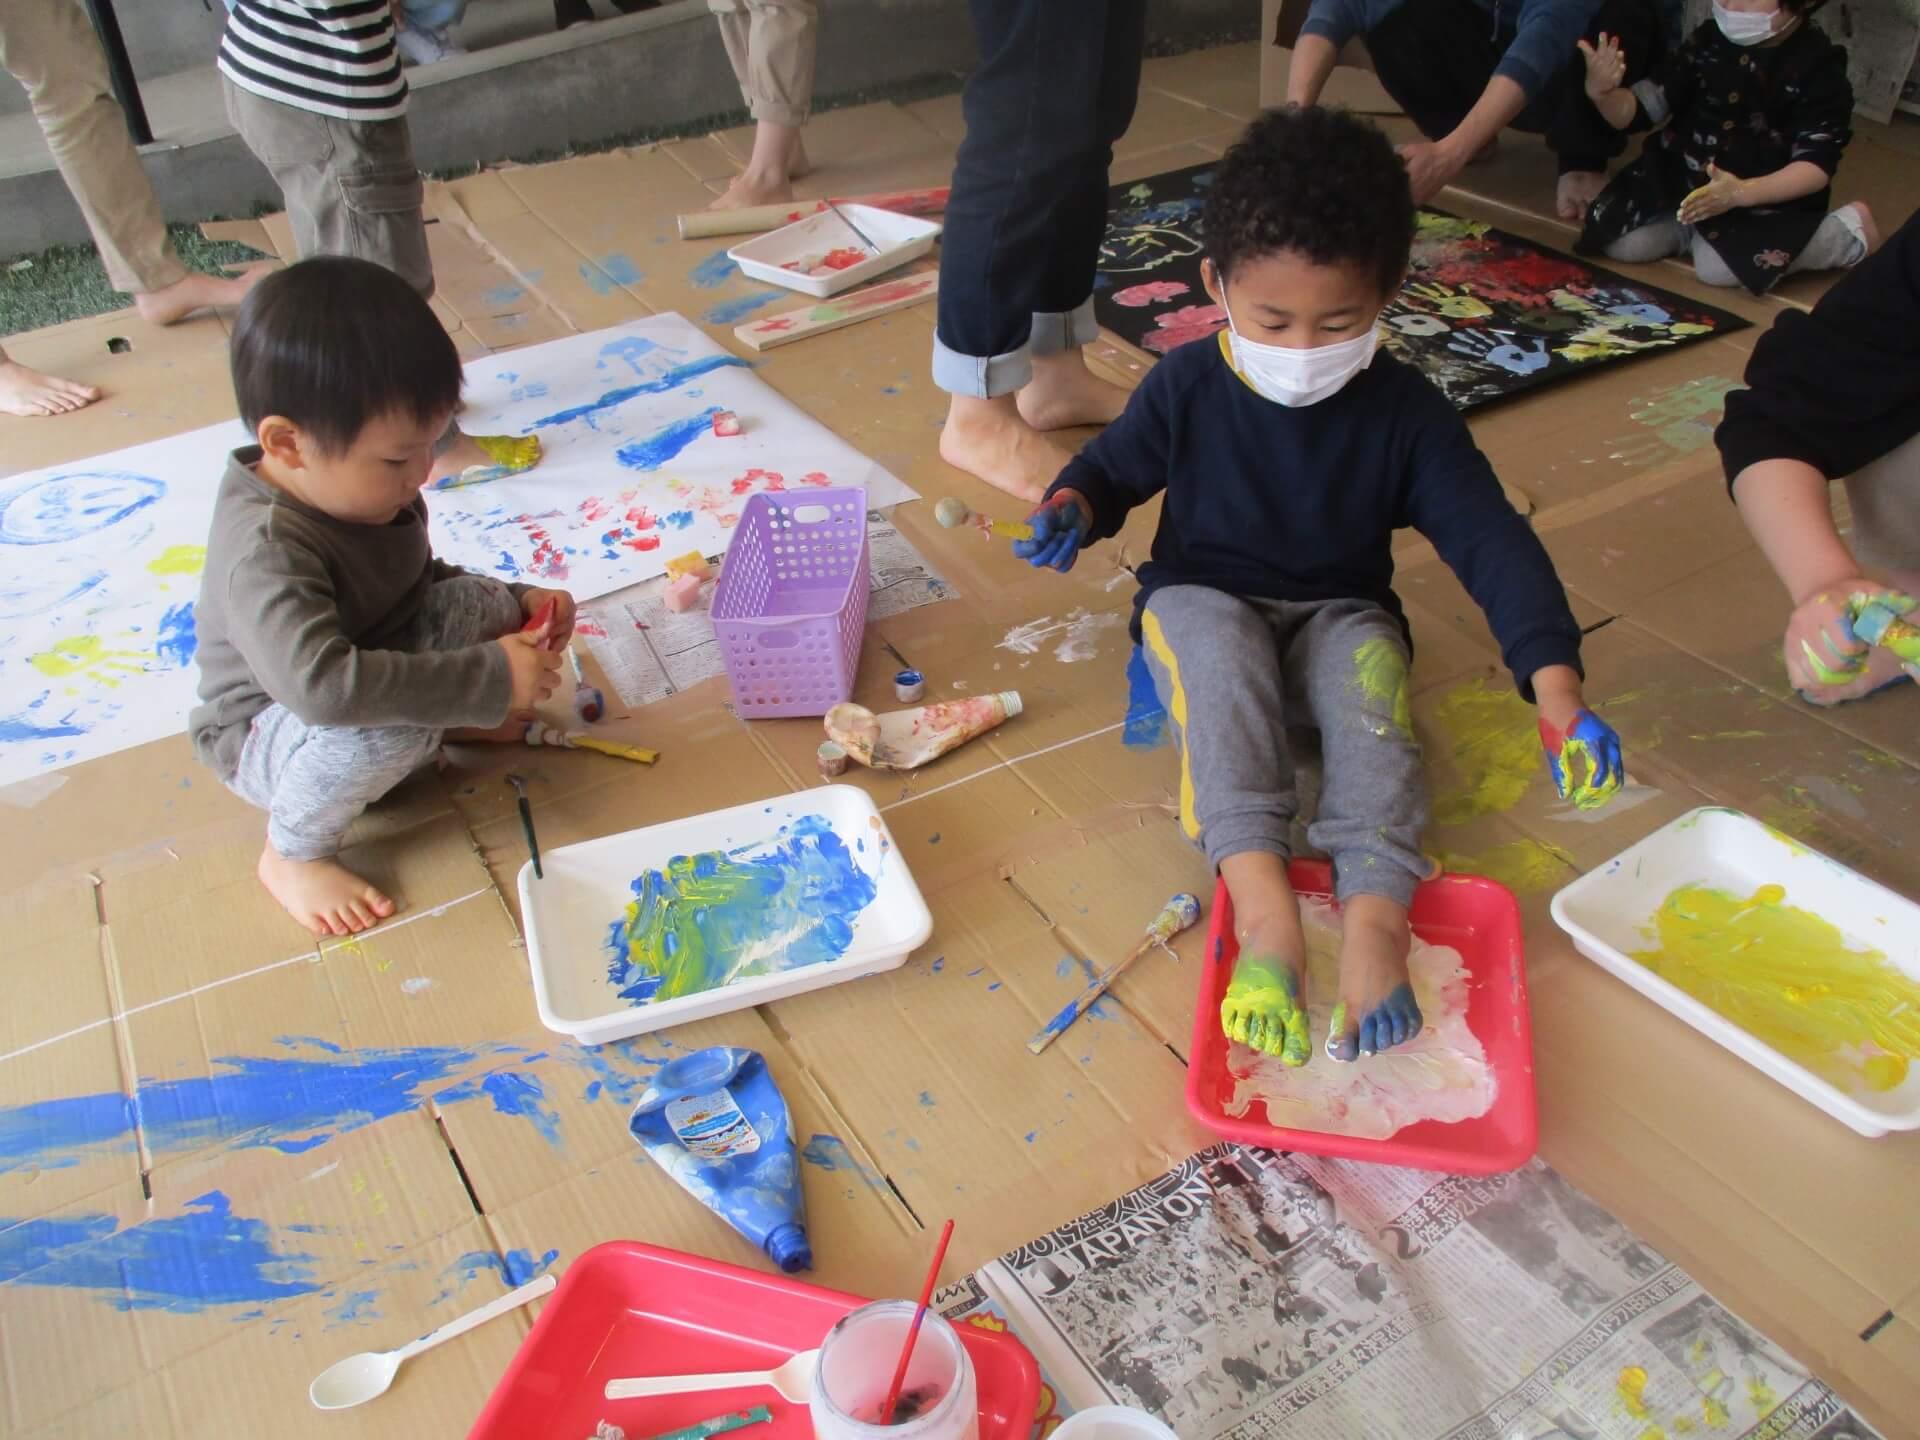 絵の具を体に塗る子どもたち